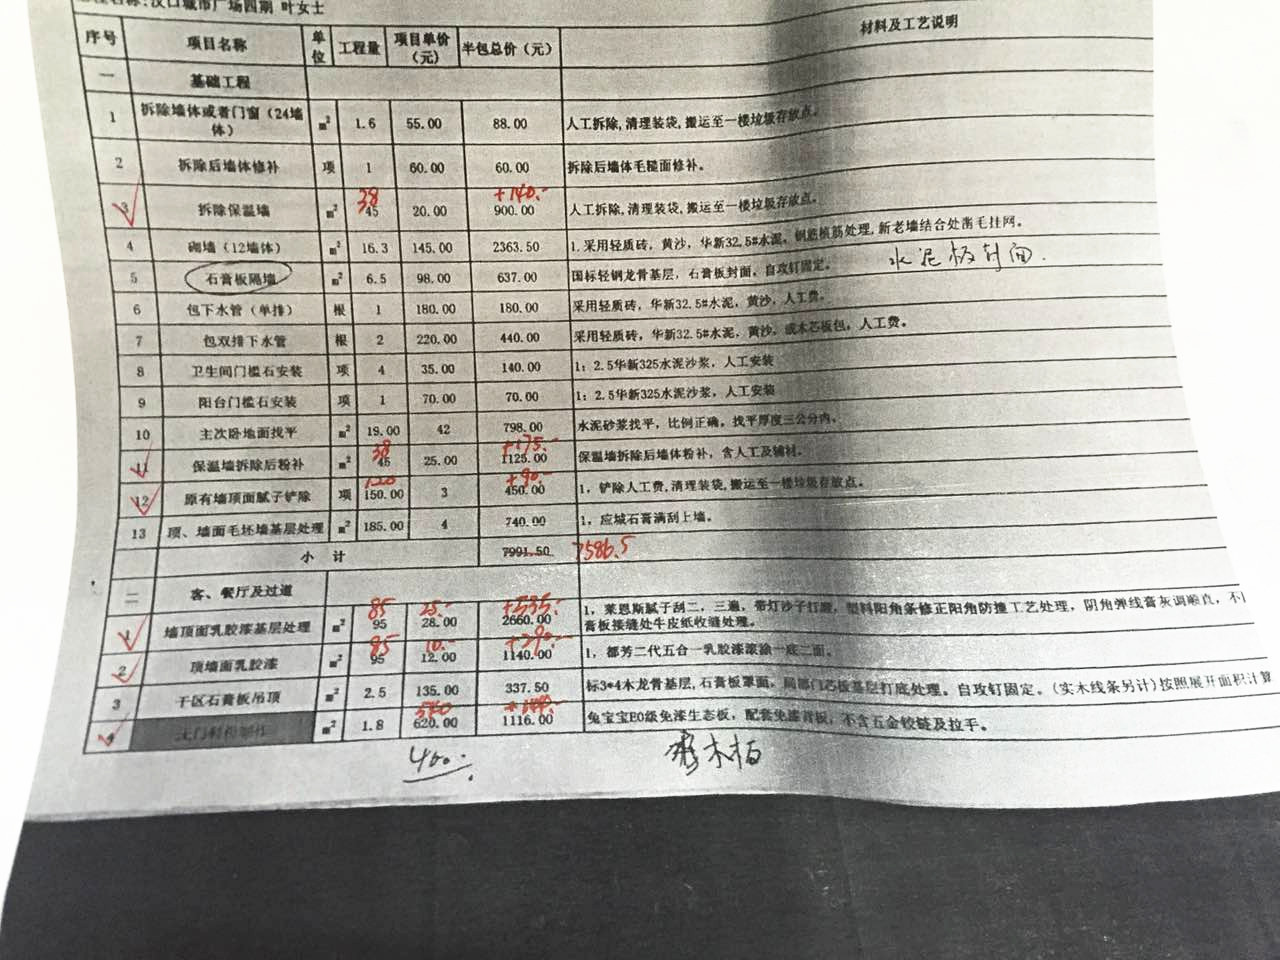 汉口城市广场四期尚城报价审核结果1